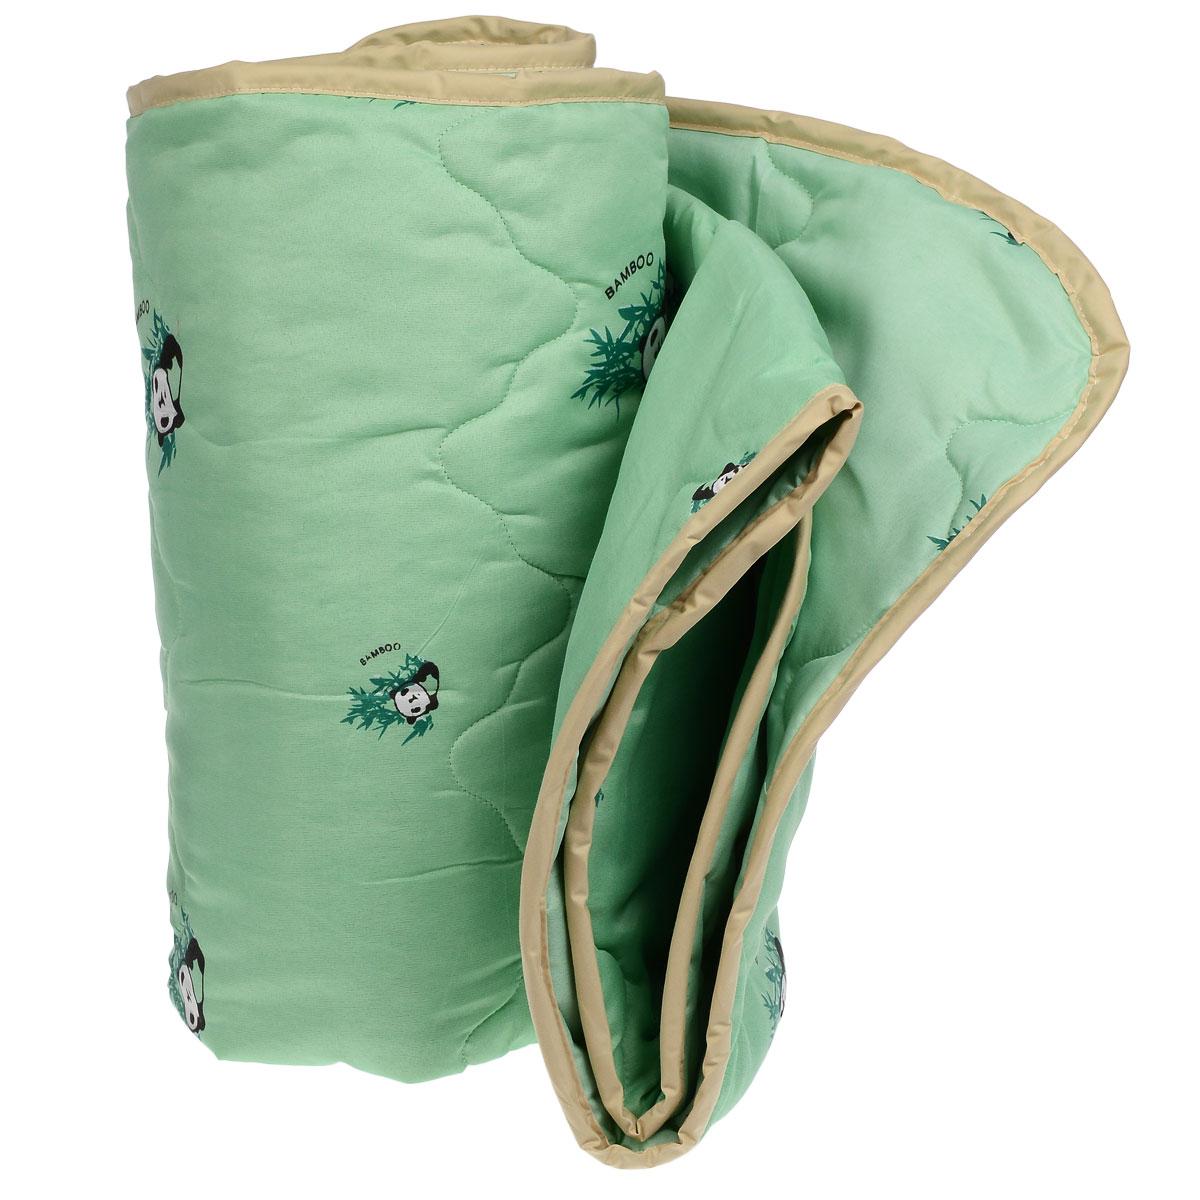 Одеяло всесезонное OL-Tex Бамбук, наполнитель: волокно бамбука, цвет: зеленый, 172 х 205 смМБПЭ-18-3 зеленый, бамбукВеликолепное всесезонное одеяло OL-Tex Бамбук подарит вам ни с чем несравнимую мягкость и согреет в холодное время года. При этом одеяло невероятно легкое: под ним также не будет жарко летом. Одеяло из коллекции Бамбук создано с использованием натурального и экологически чистого бамбукового волокна. Чехол одеяла зеленого цвета выполнен из 100% полиэстера и оформлен принтом с изображением бамбука и панды. Эксклюзивная стежка и атласный кант по краю придают изделию красивый внешний вид. Натуральная, экологически чистая основа бамбукового волокна обладает природными антибактериальными и дезодорирующими свойствами, останавливает рост и развитие бактерий, препятствует появлению неприятных запахов. Эти качества сохраняются даже после многократных стирок. Идеально подходит людям, страдающим аллергией и астмой. Основные свойства бамбукового наполнителя: - отличная воздухопроницаемость и впитывающие свойства, - дезодорирующие и бактерицидные свойства, - гигиеничность и гипоаллергенность. Подарите себе здоровый сон с бамбуковым одеялом! Рекомендации по уходу:- Ручная и машинная стирка при температуре 30°С.- Не гладить.- Не отбеливать. - Нельзя отжимать и сушить в стиральной машине. - Вертикальная сушка. Материал чехла: 100: полиэстер. Наполнитель: волокно бамбука. Размер: 172 см х 205 см.